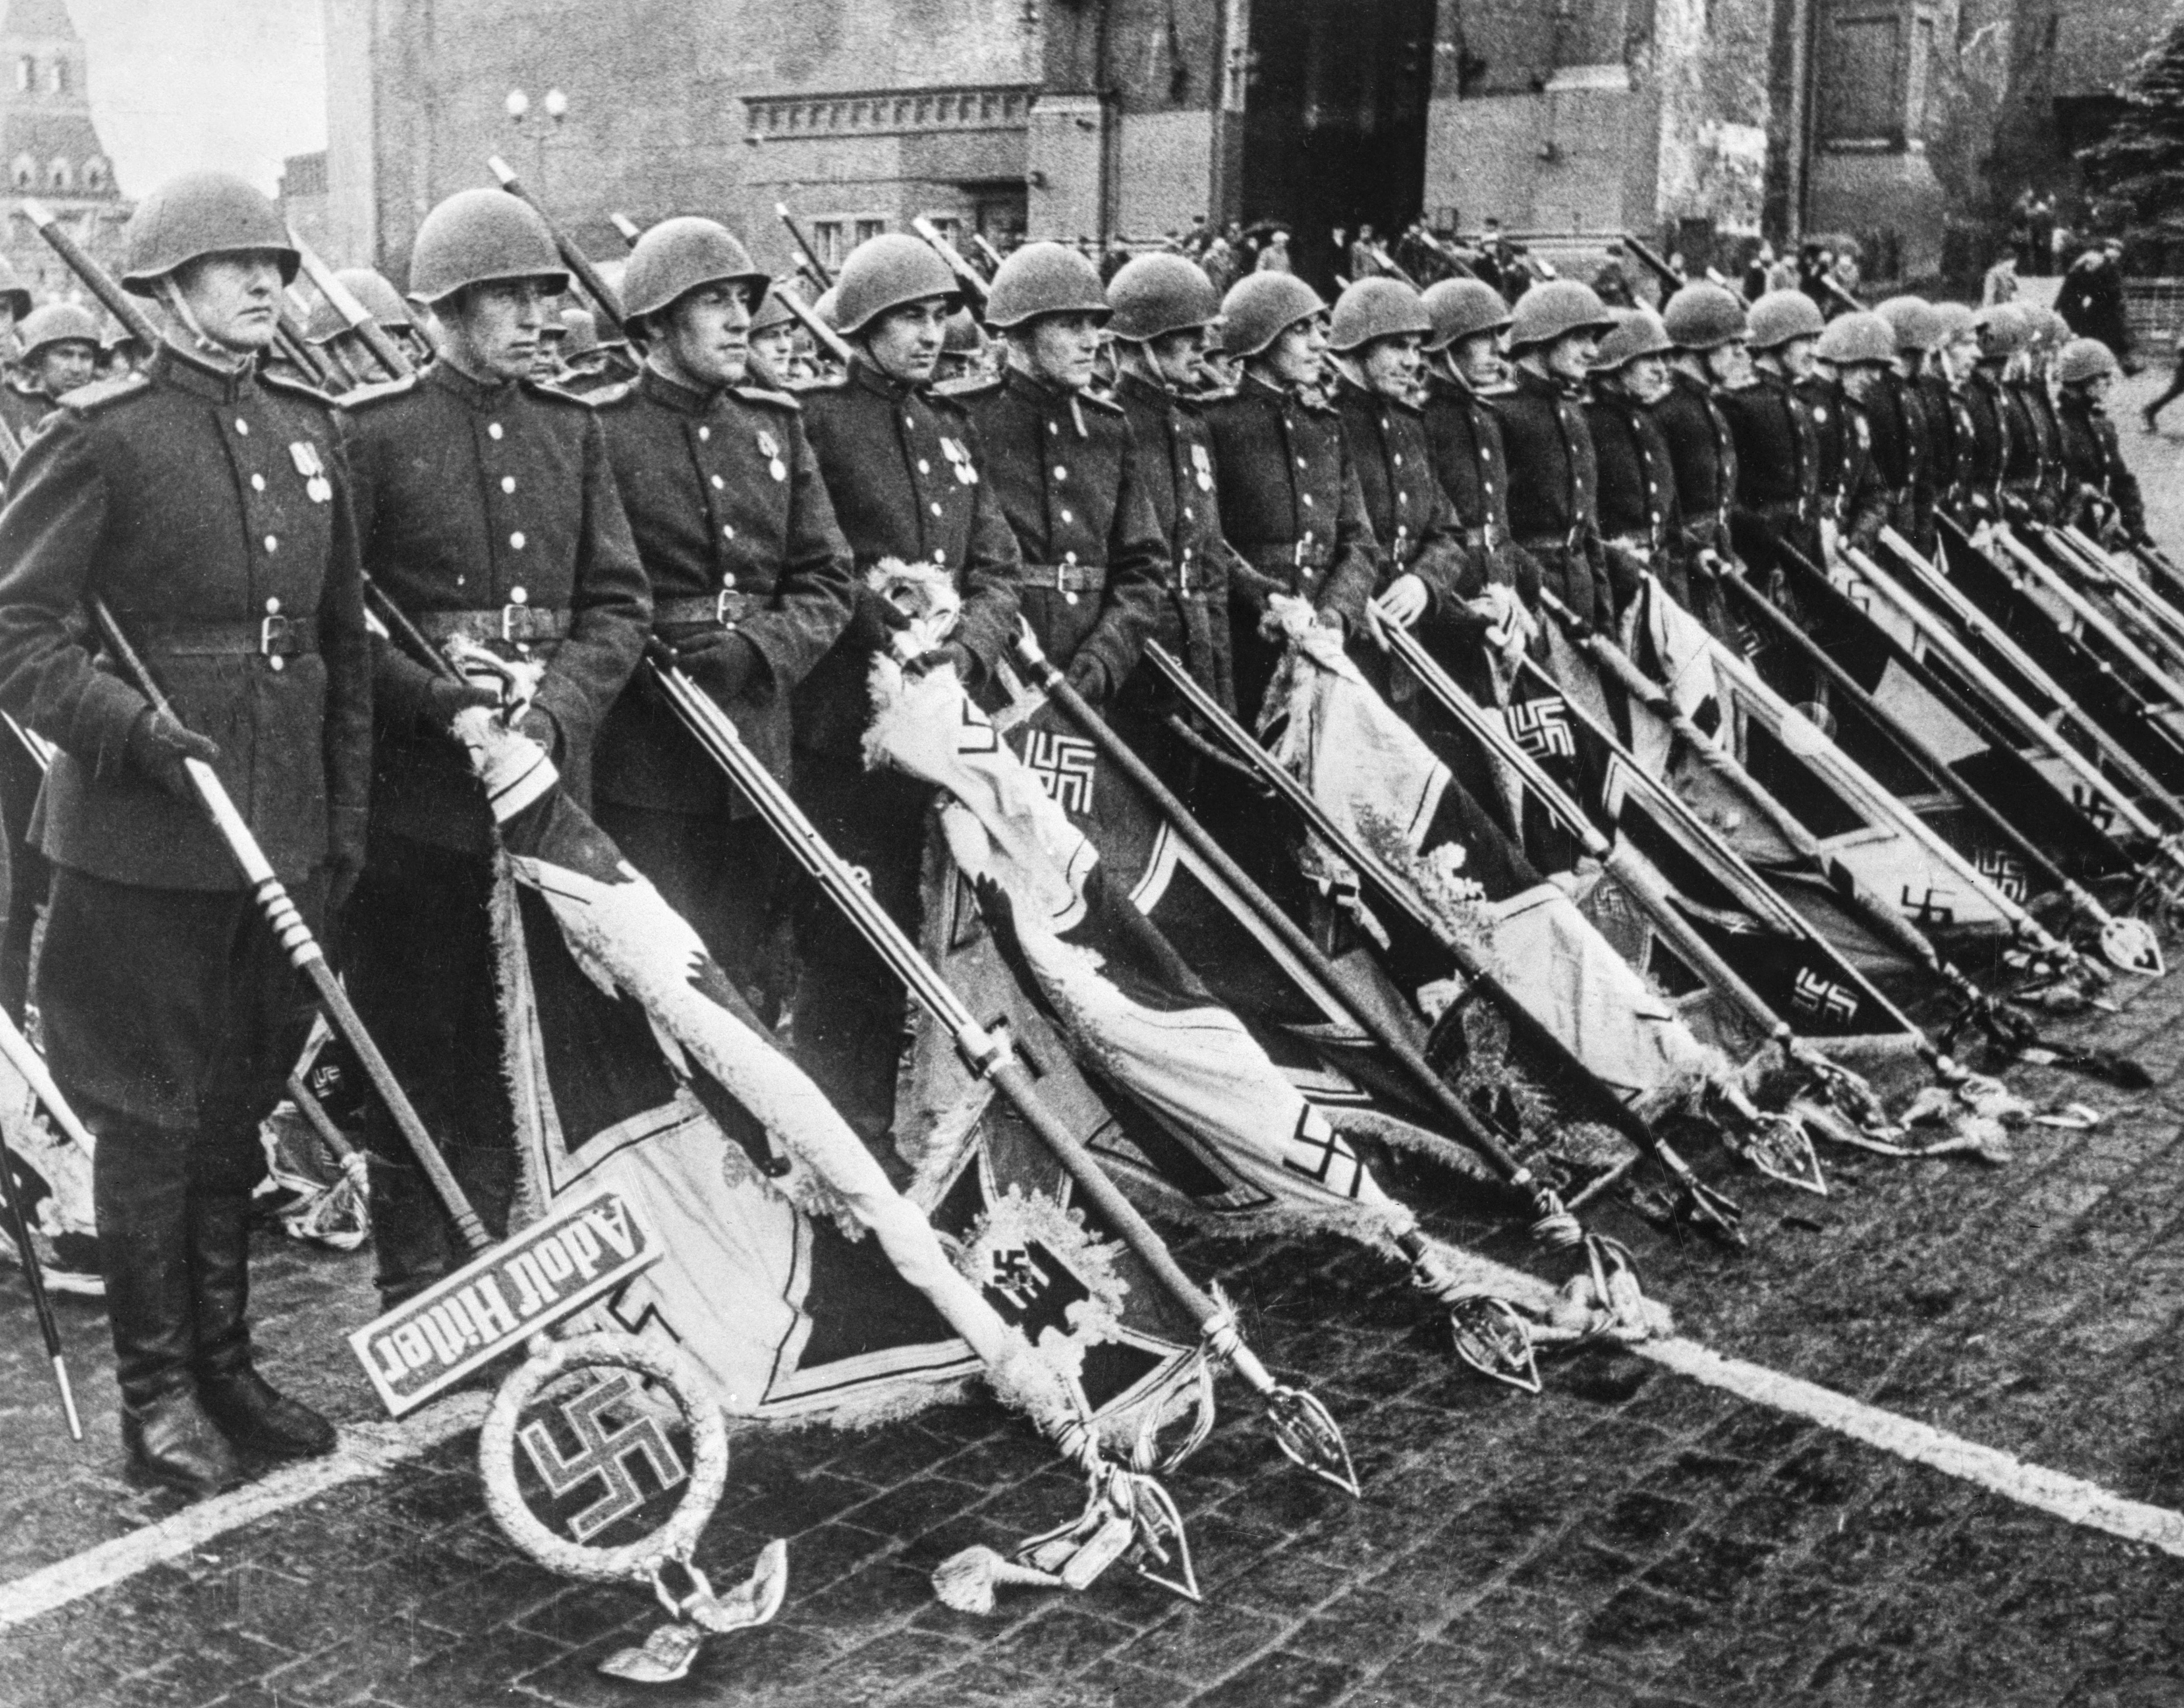 Калі ў Савецкім Саюзе правялі першы вайсковы парад перамогі на Краснай плошчы ў Маскве 9 траўня?